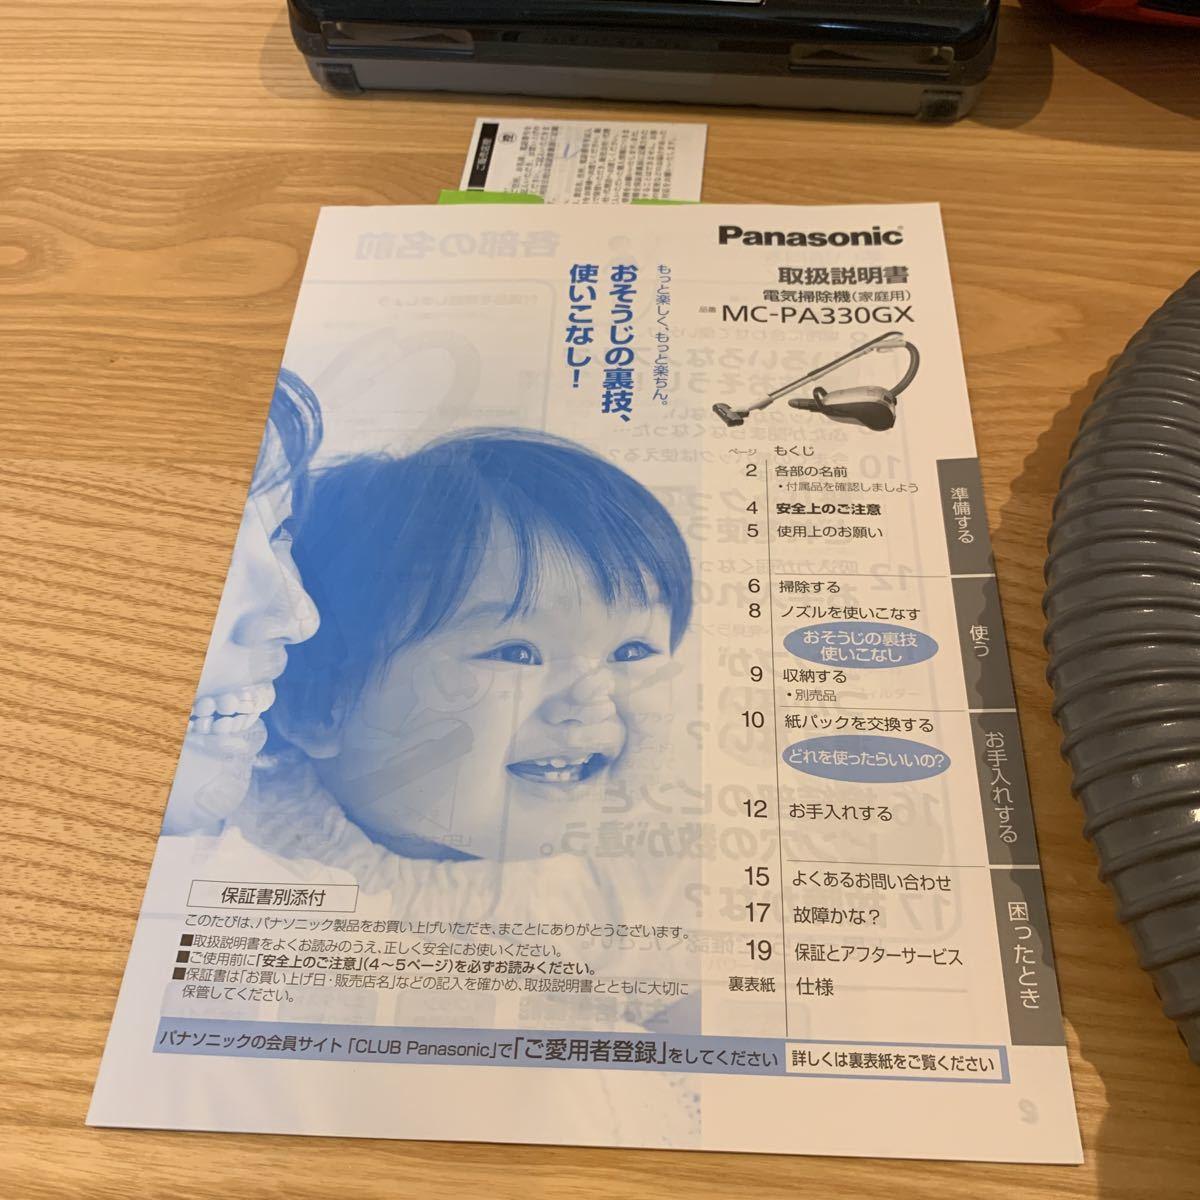 送料無料 中古 パナソニック 紙パック式掃除機 Panasonic 電気掃除機 最上位機種 MC-PA330GX おまけ付き 完動品 2014年式 _画像5